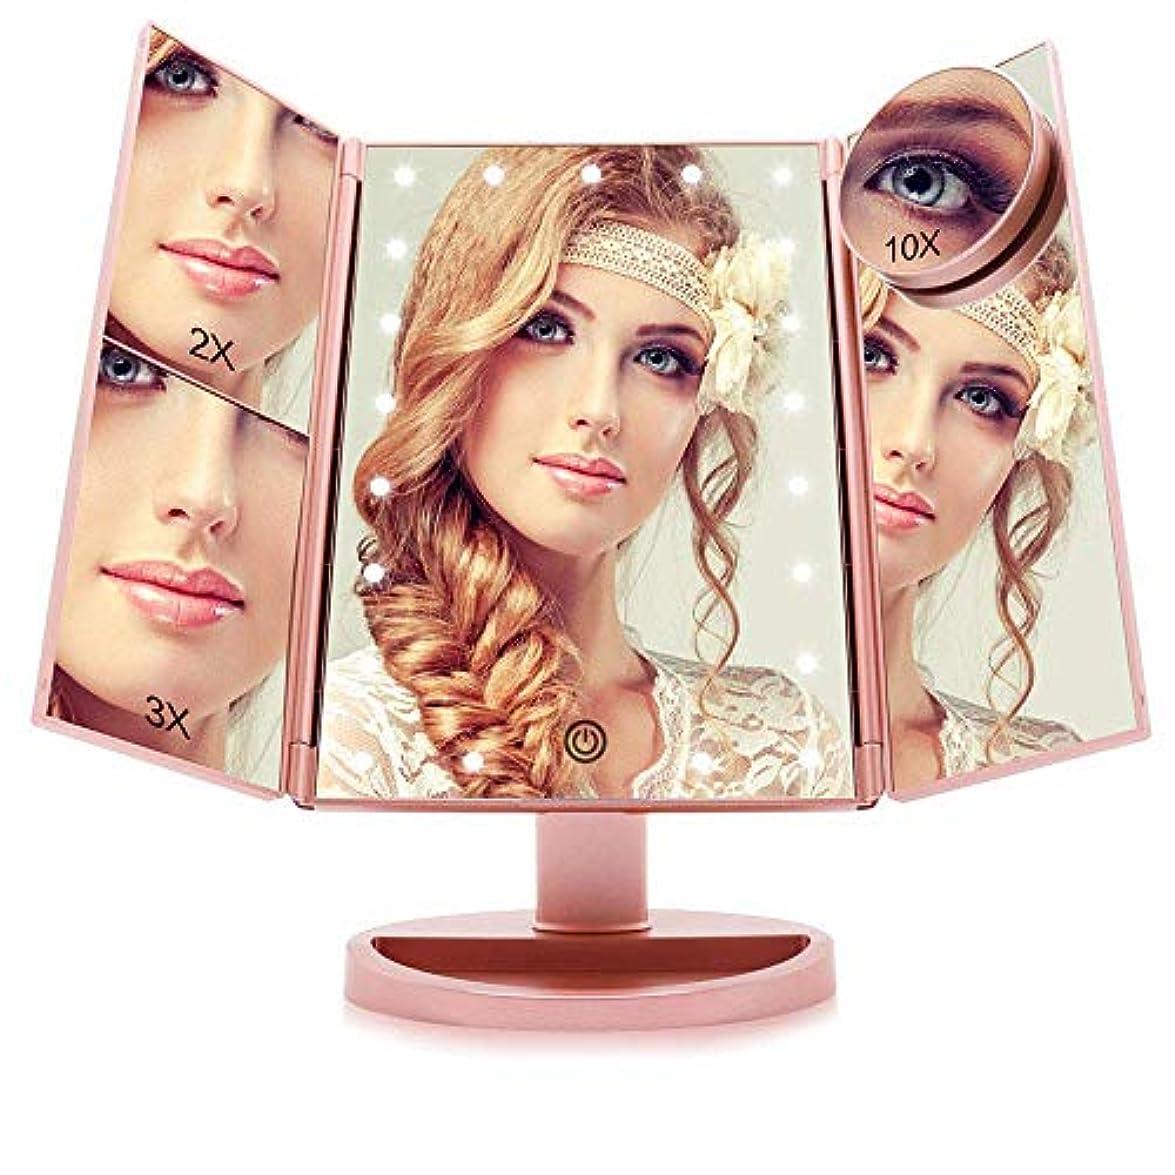 ピカリング含意オリエンテーション化粧鏡 化粧ミラー 鏡 三面鏡 女優ミラー 卓上 led付き 折りたたみ 拡大鏡 2&3&10倍 明るさ調節可能 180°回転 電池&USB 2WAY給電(Rose Gold)